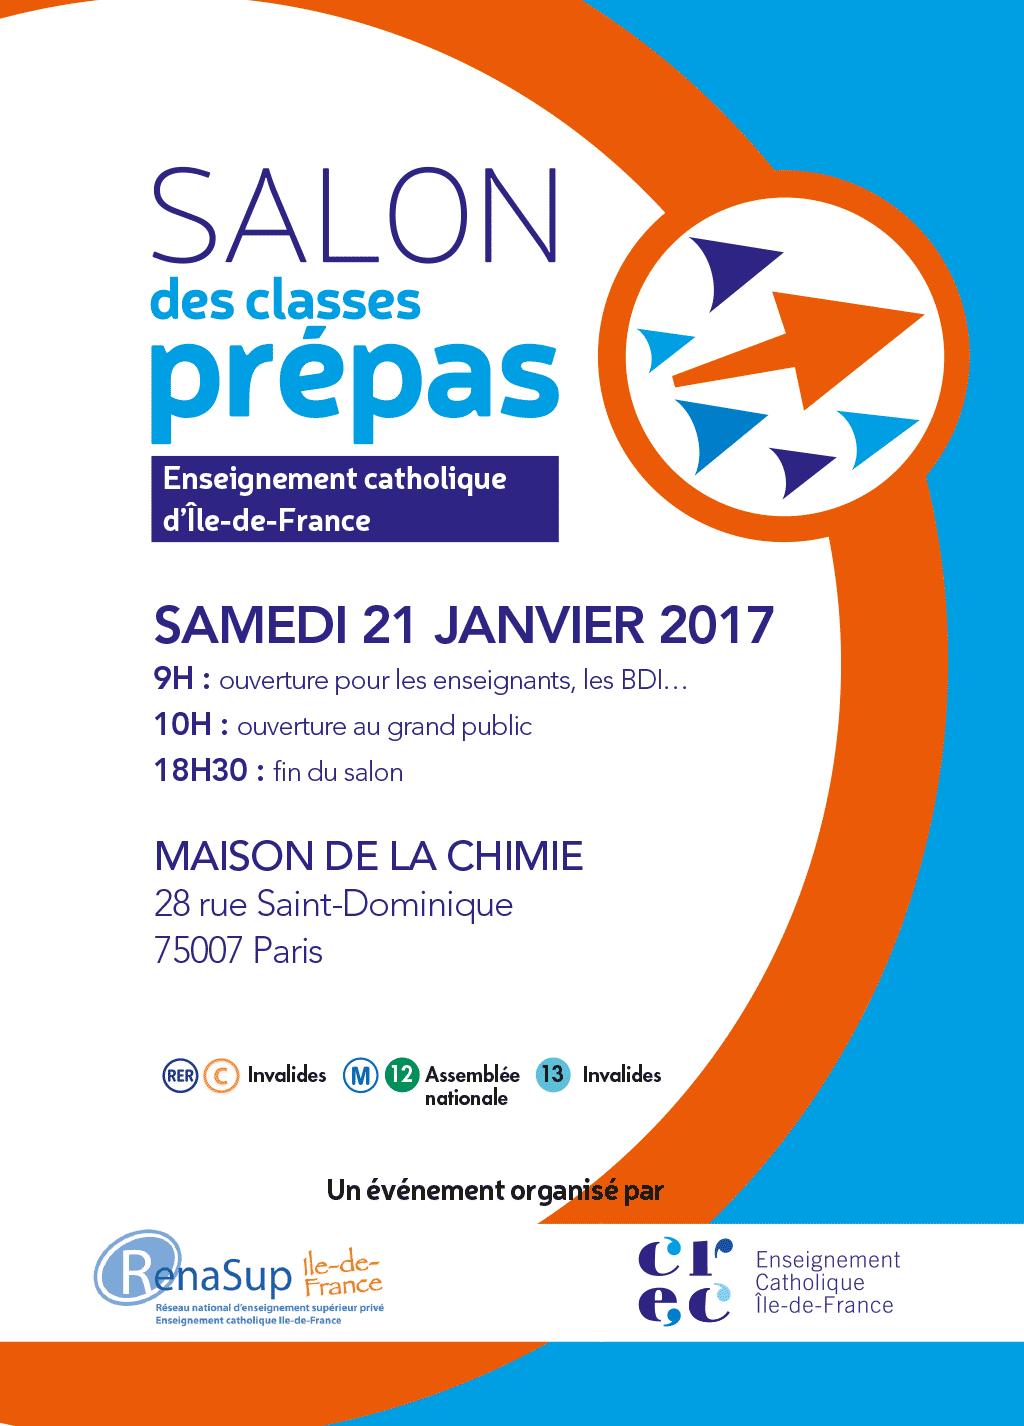 Salon des classes prépas 2017